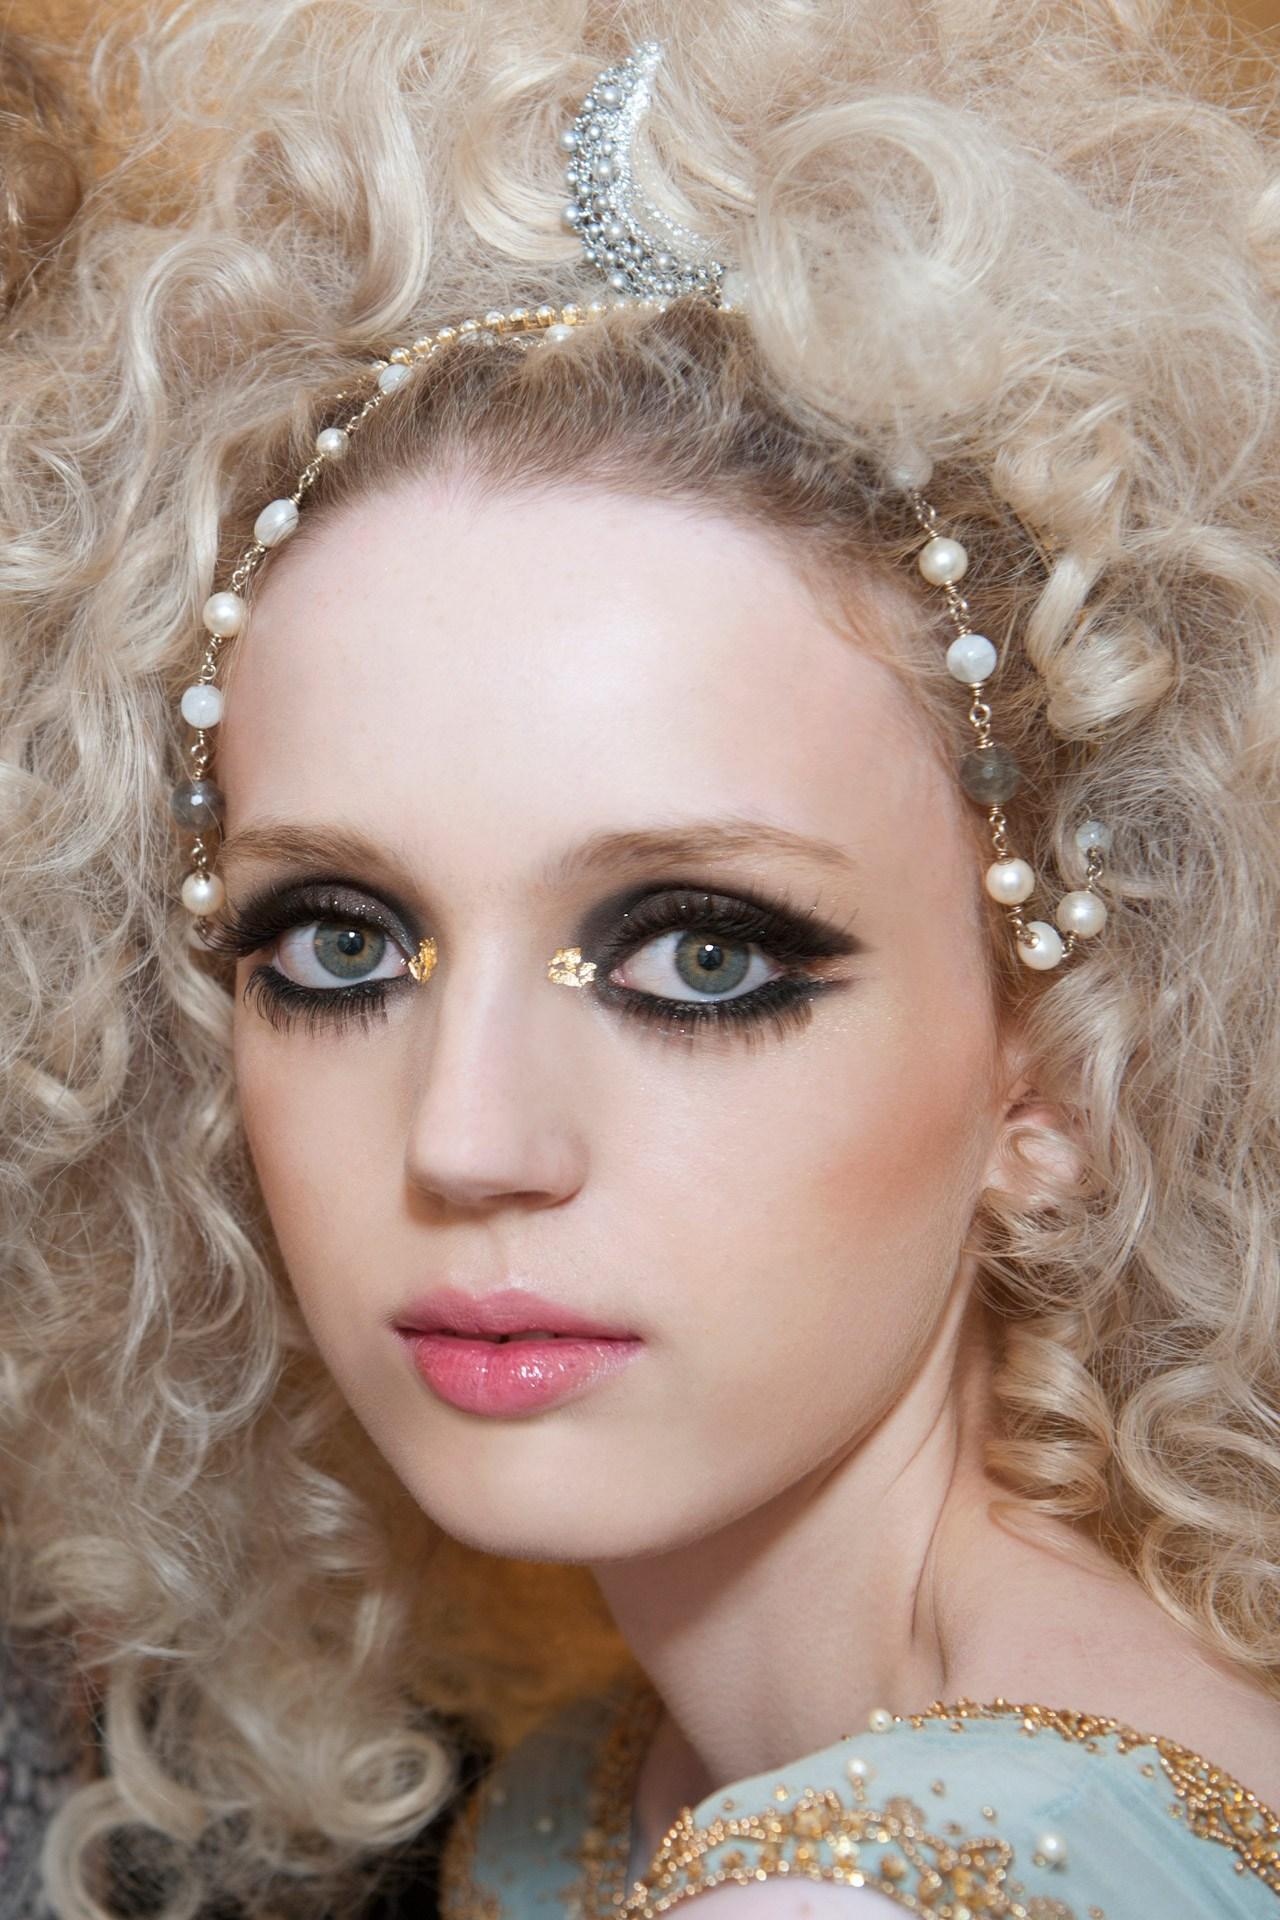 Chanel-dubai-5-Vogue-14may14_PR_b.jpg